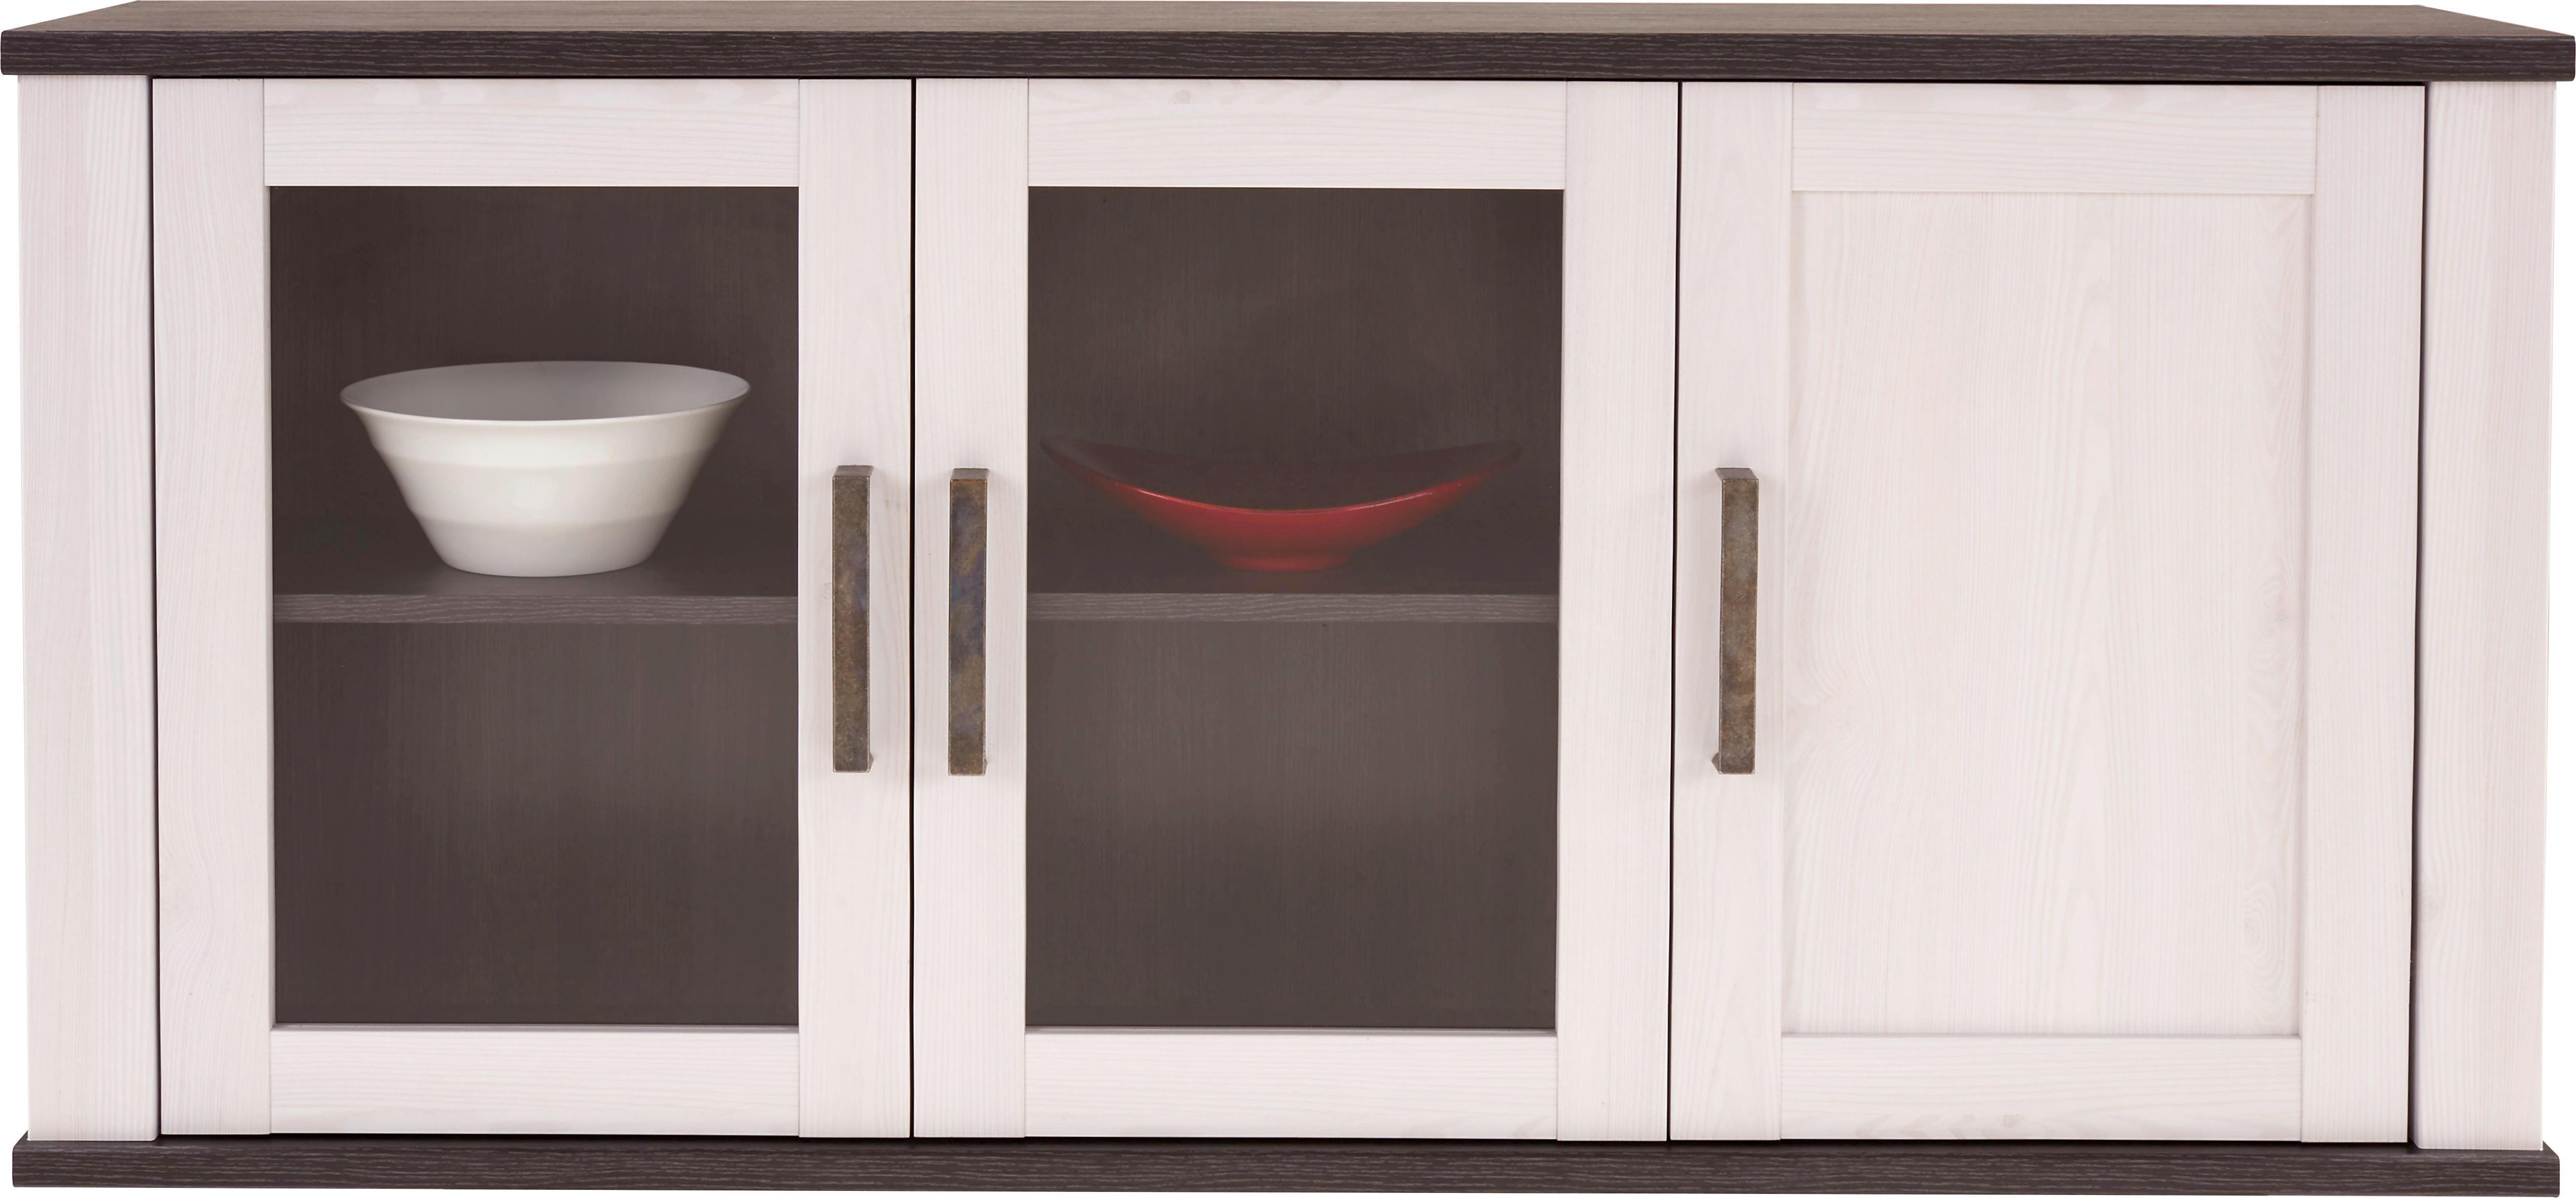 Vitrina Viseća Vitrina Viseća - bijela/wenge boje, Romantično / ladanjski, drvni materijal (139/66/30cm)